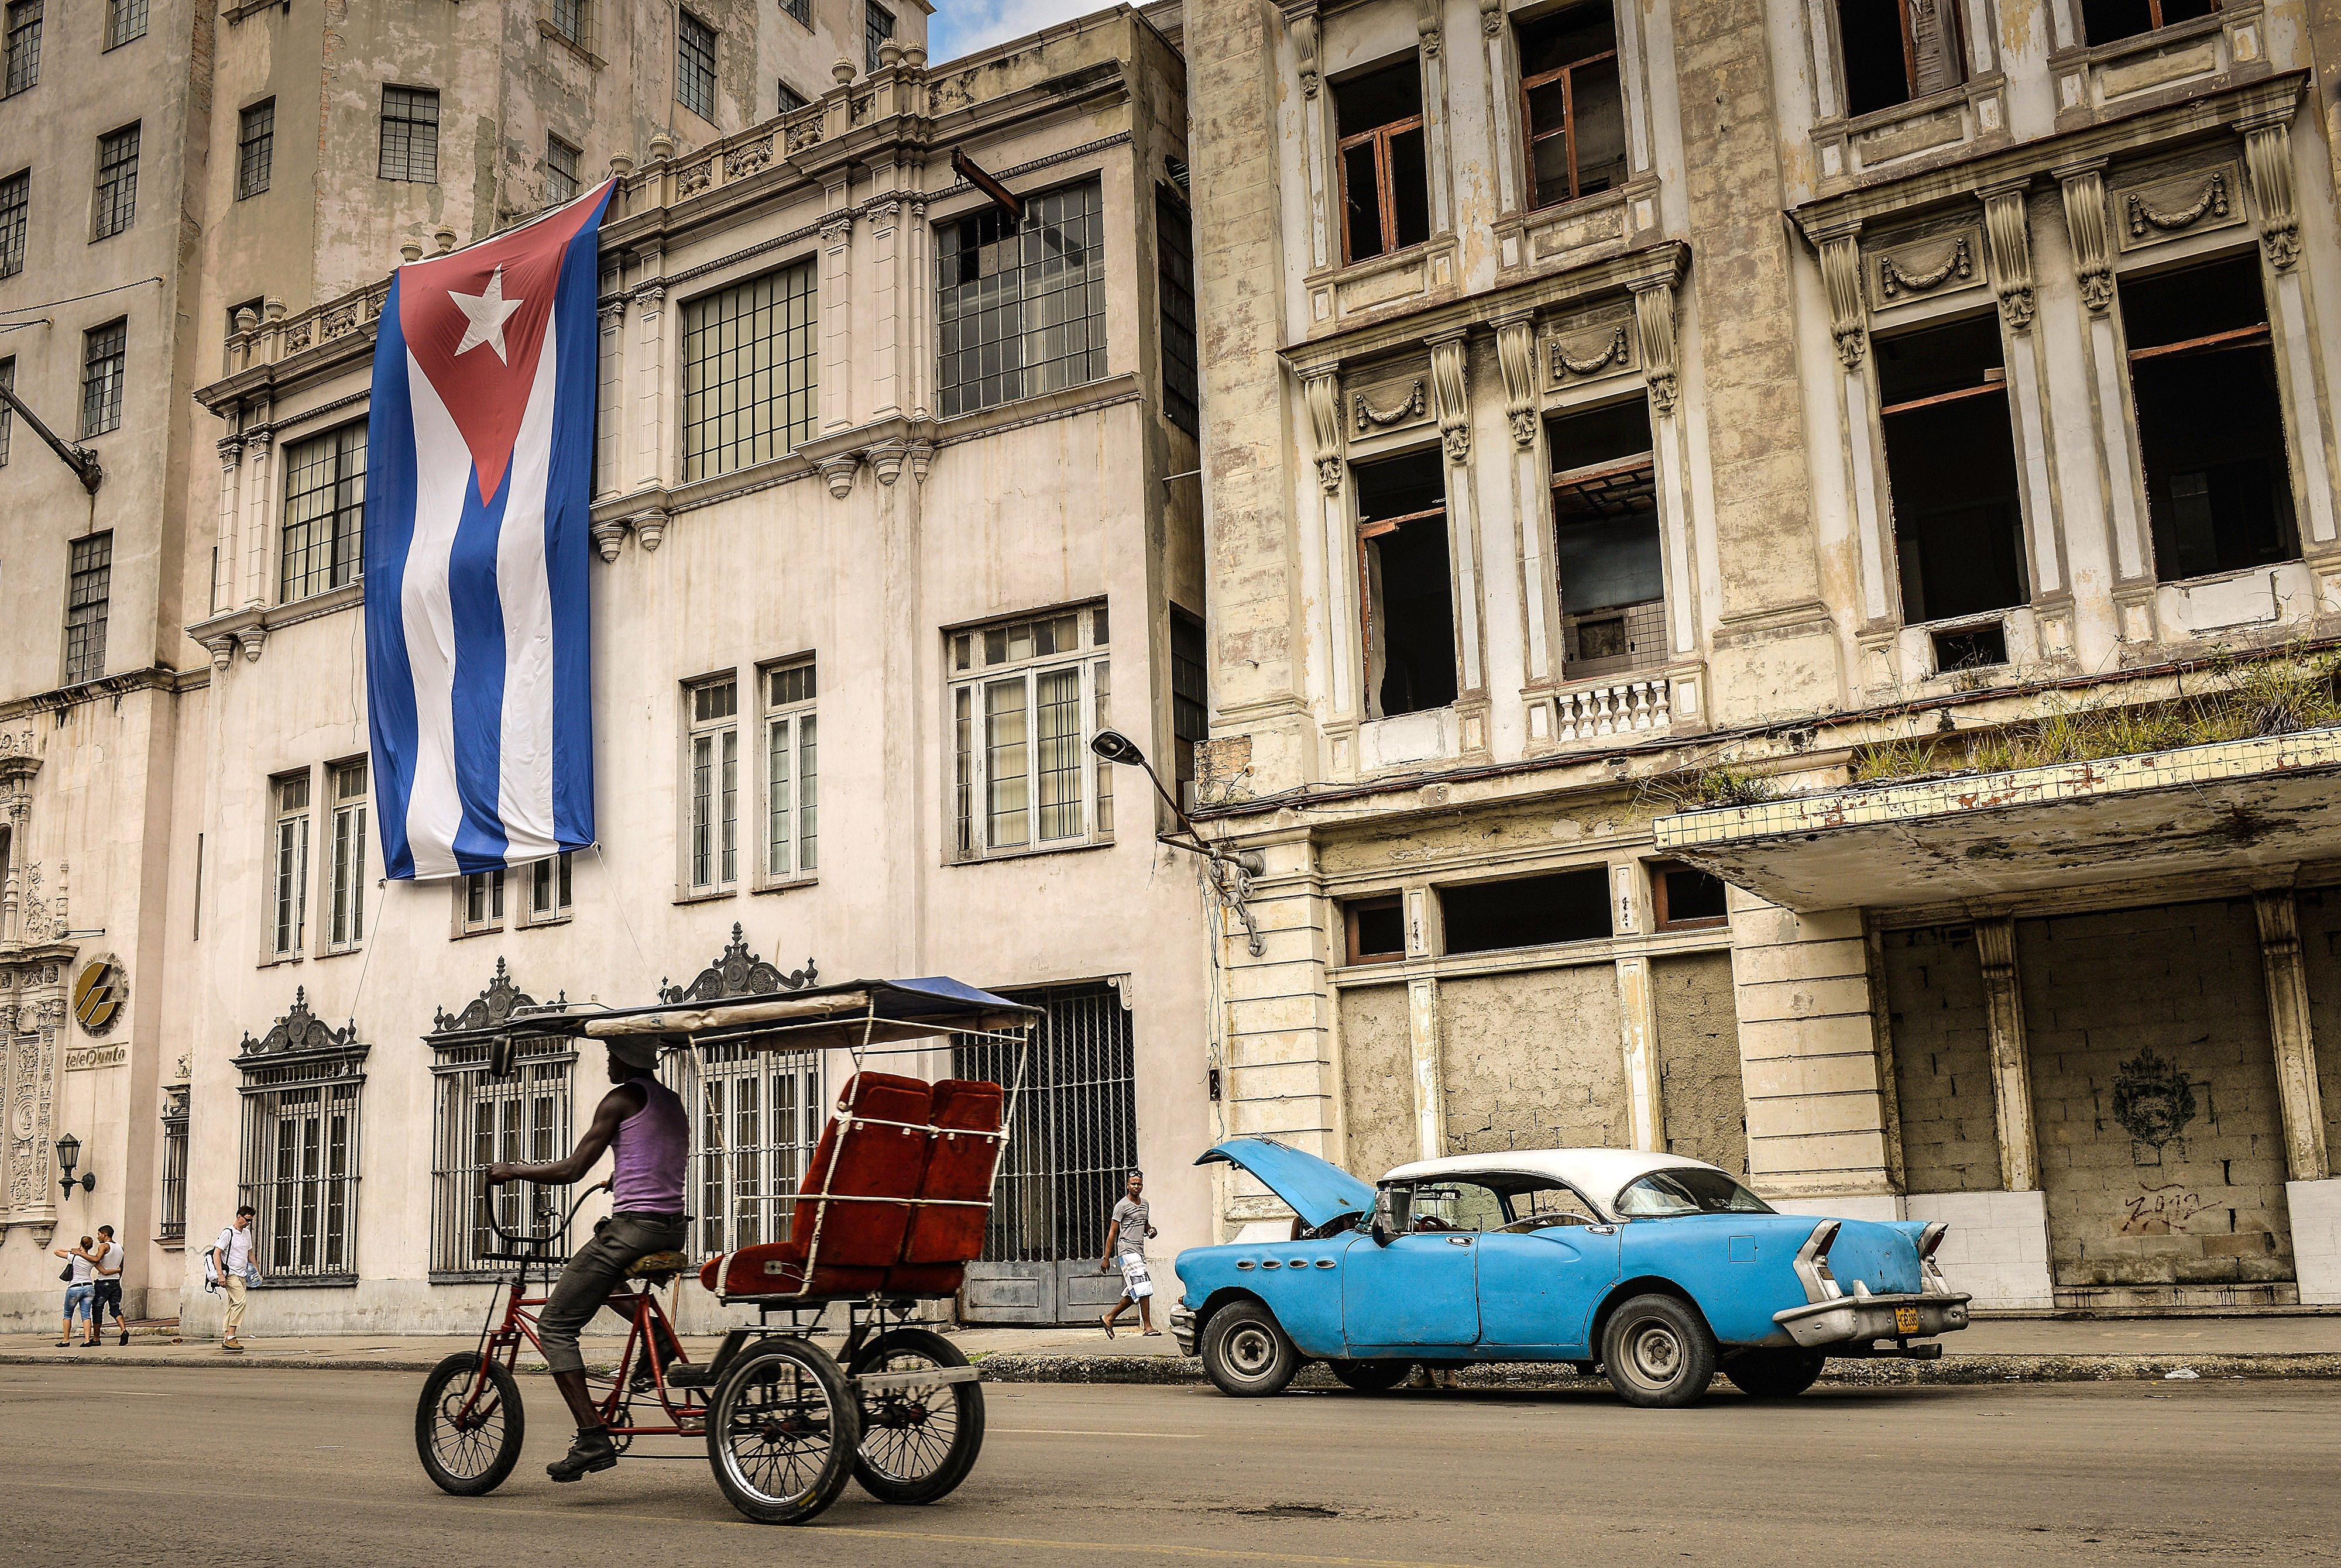 Gigantes comerciales de EEUU esperan hacer negocios con Cuba, pero el gobierno marca límites